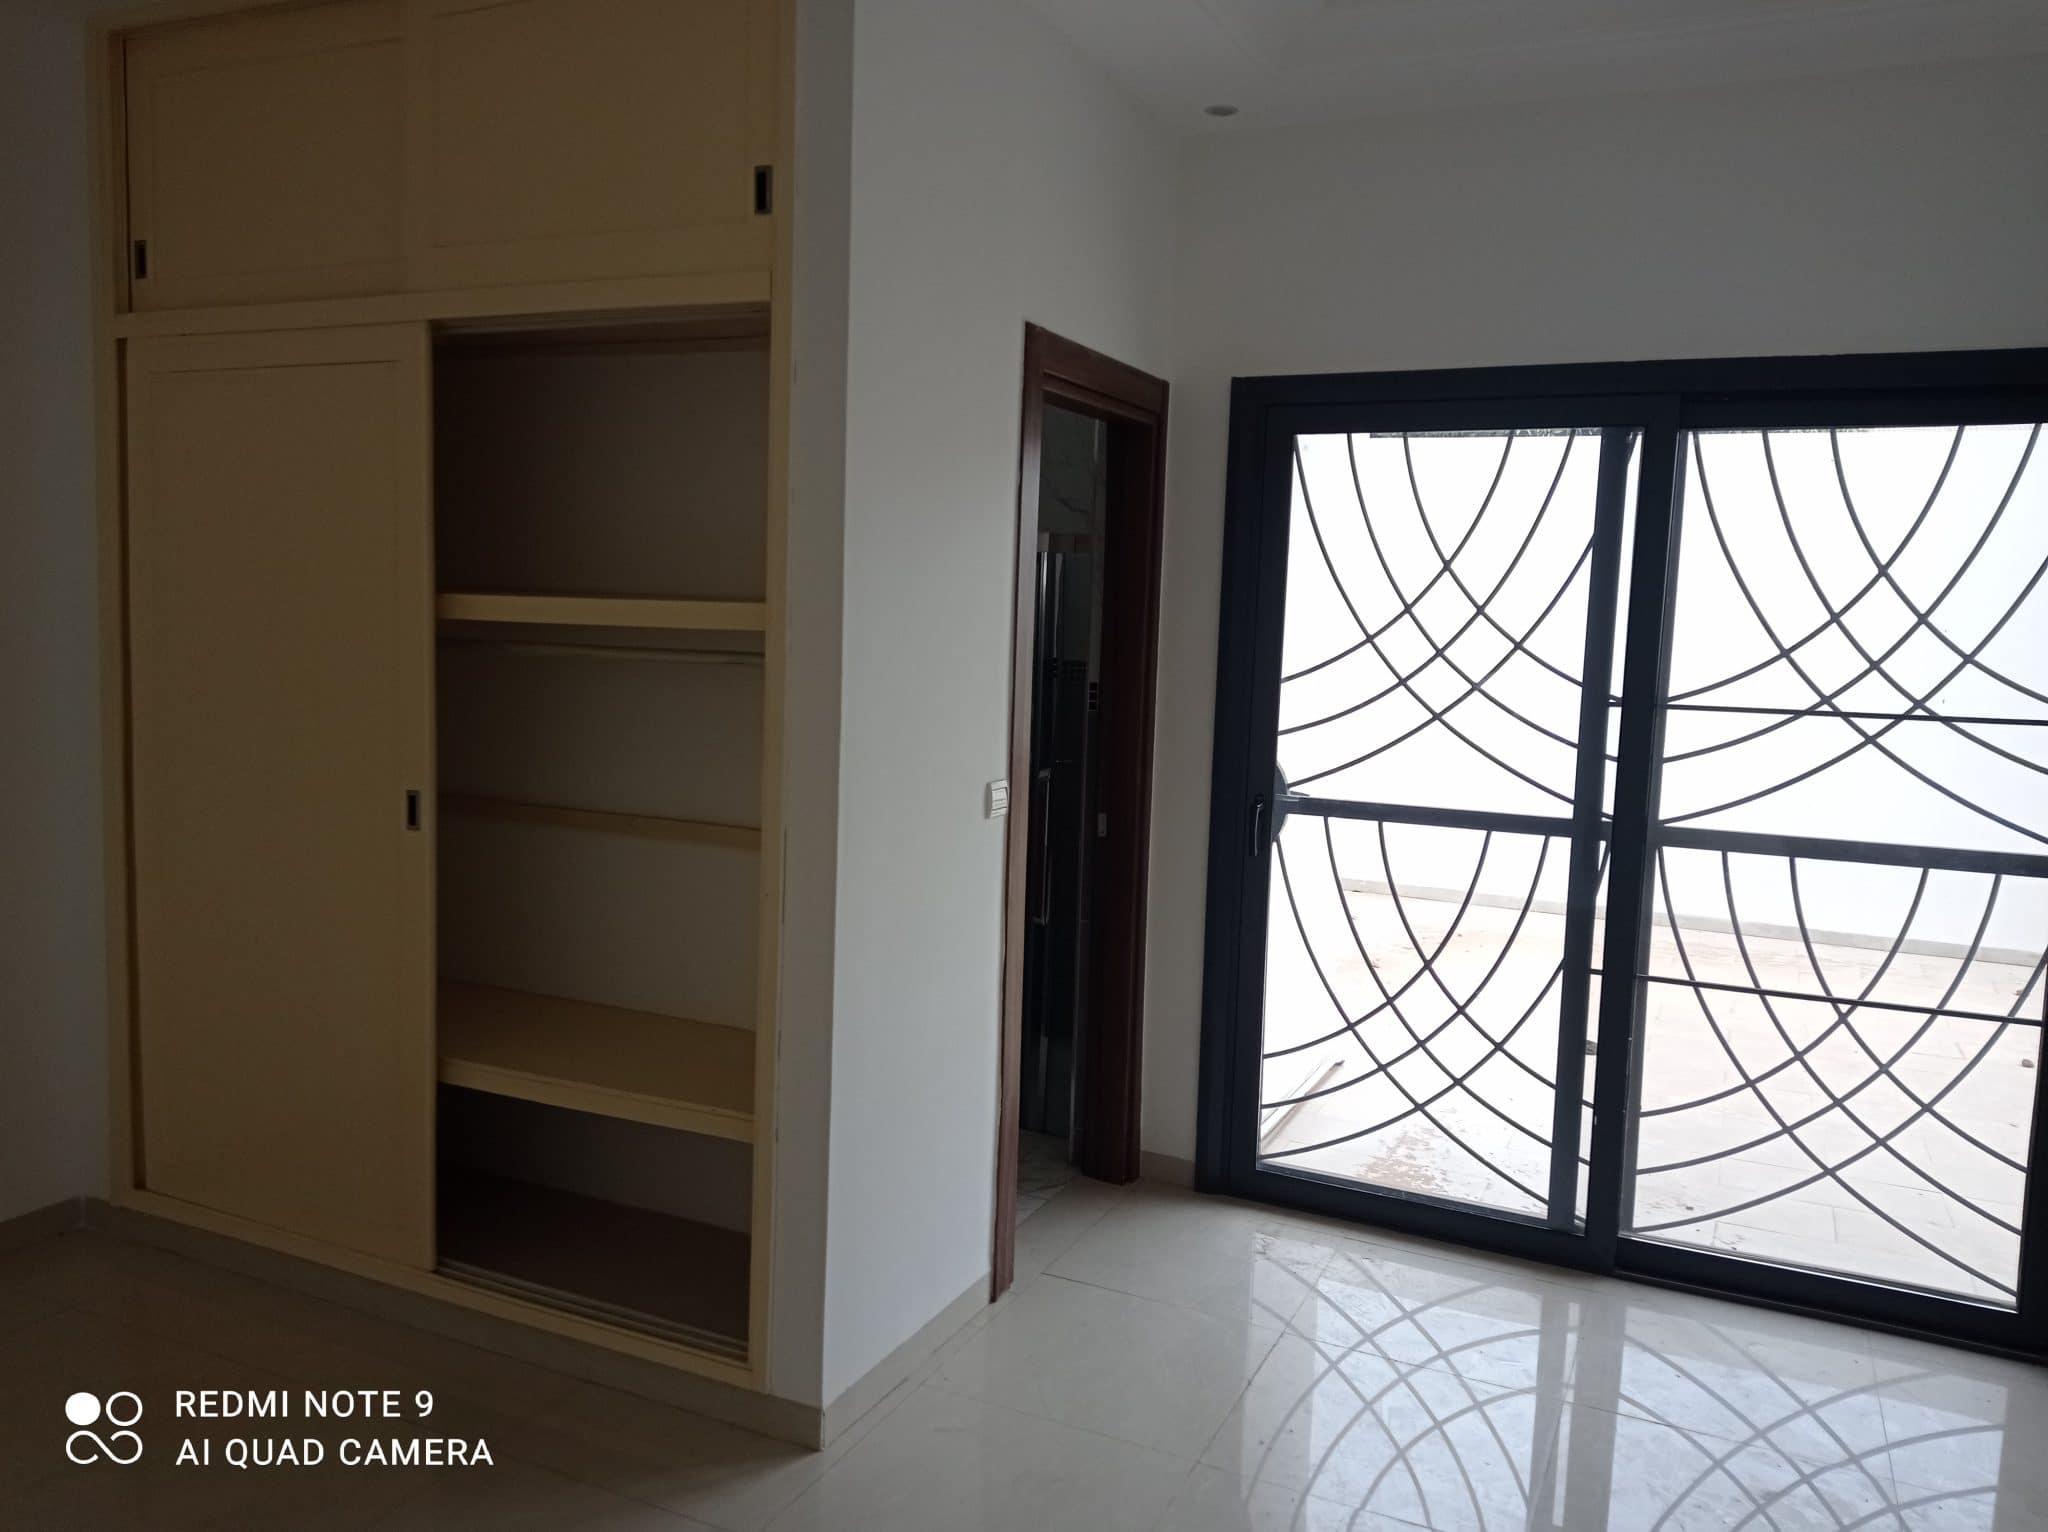 Appartement à louer sotrac Mermoz